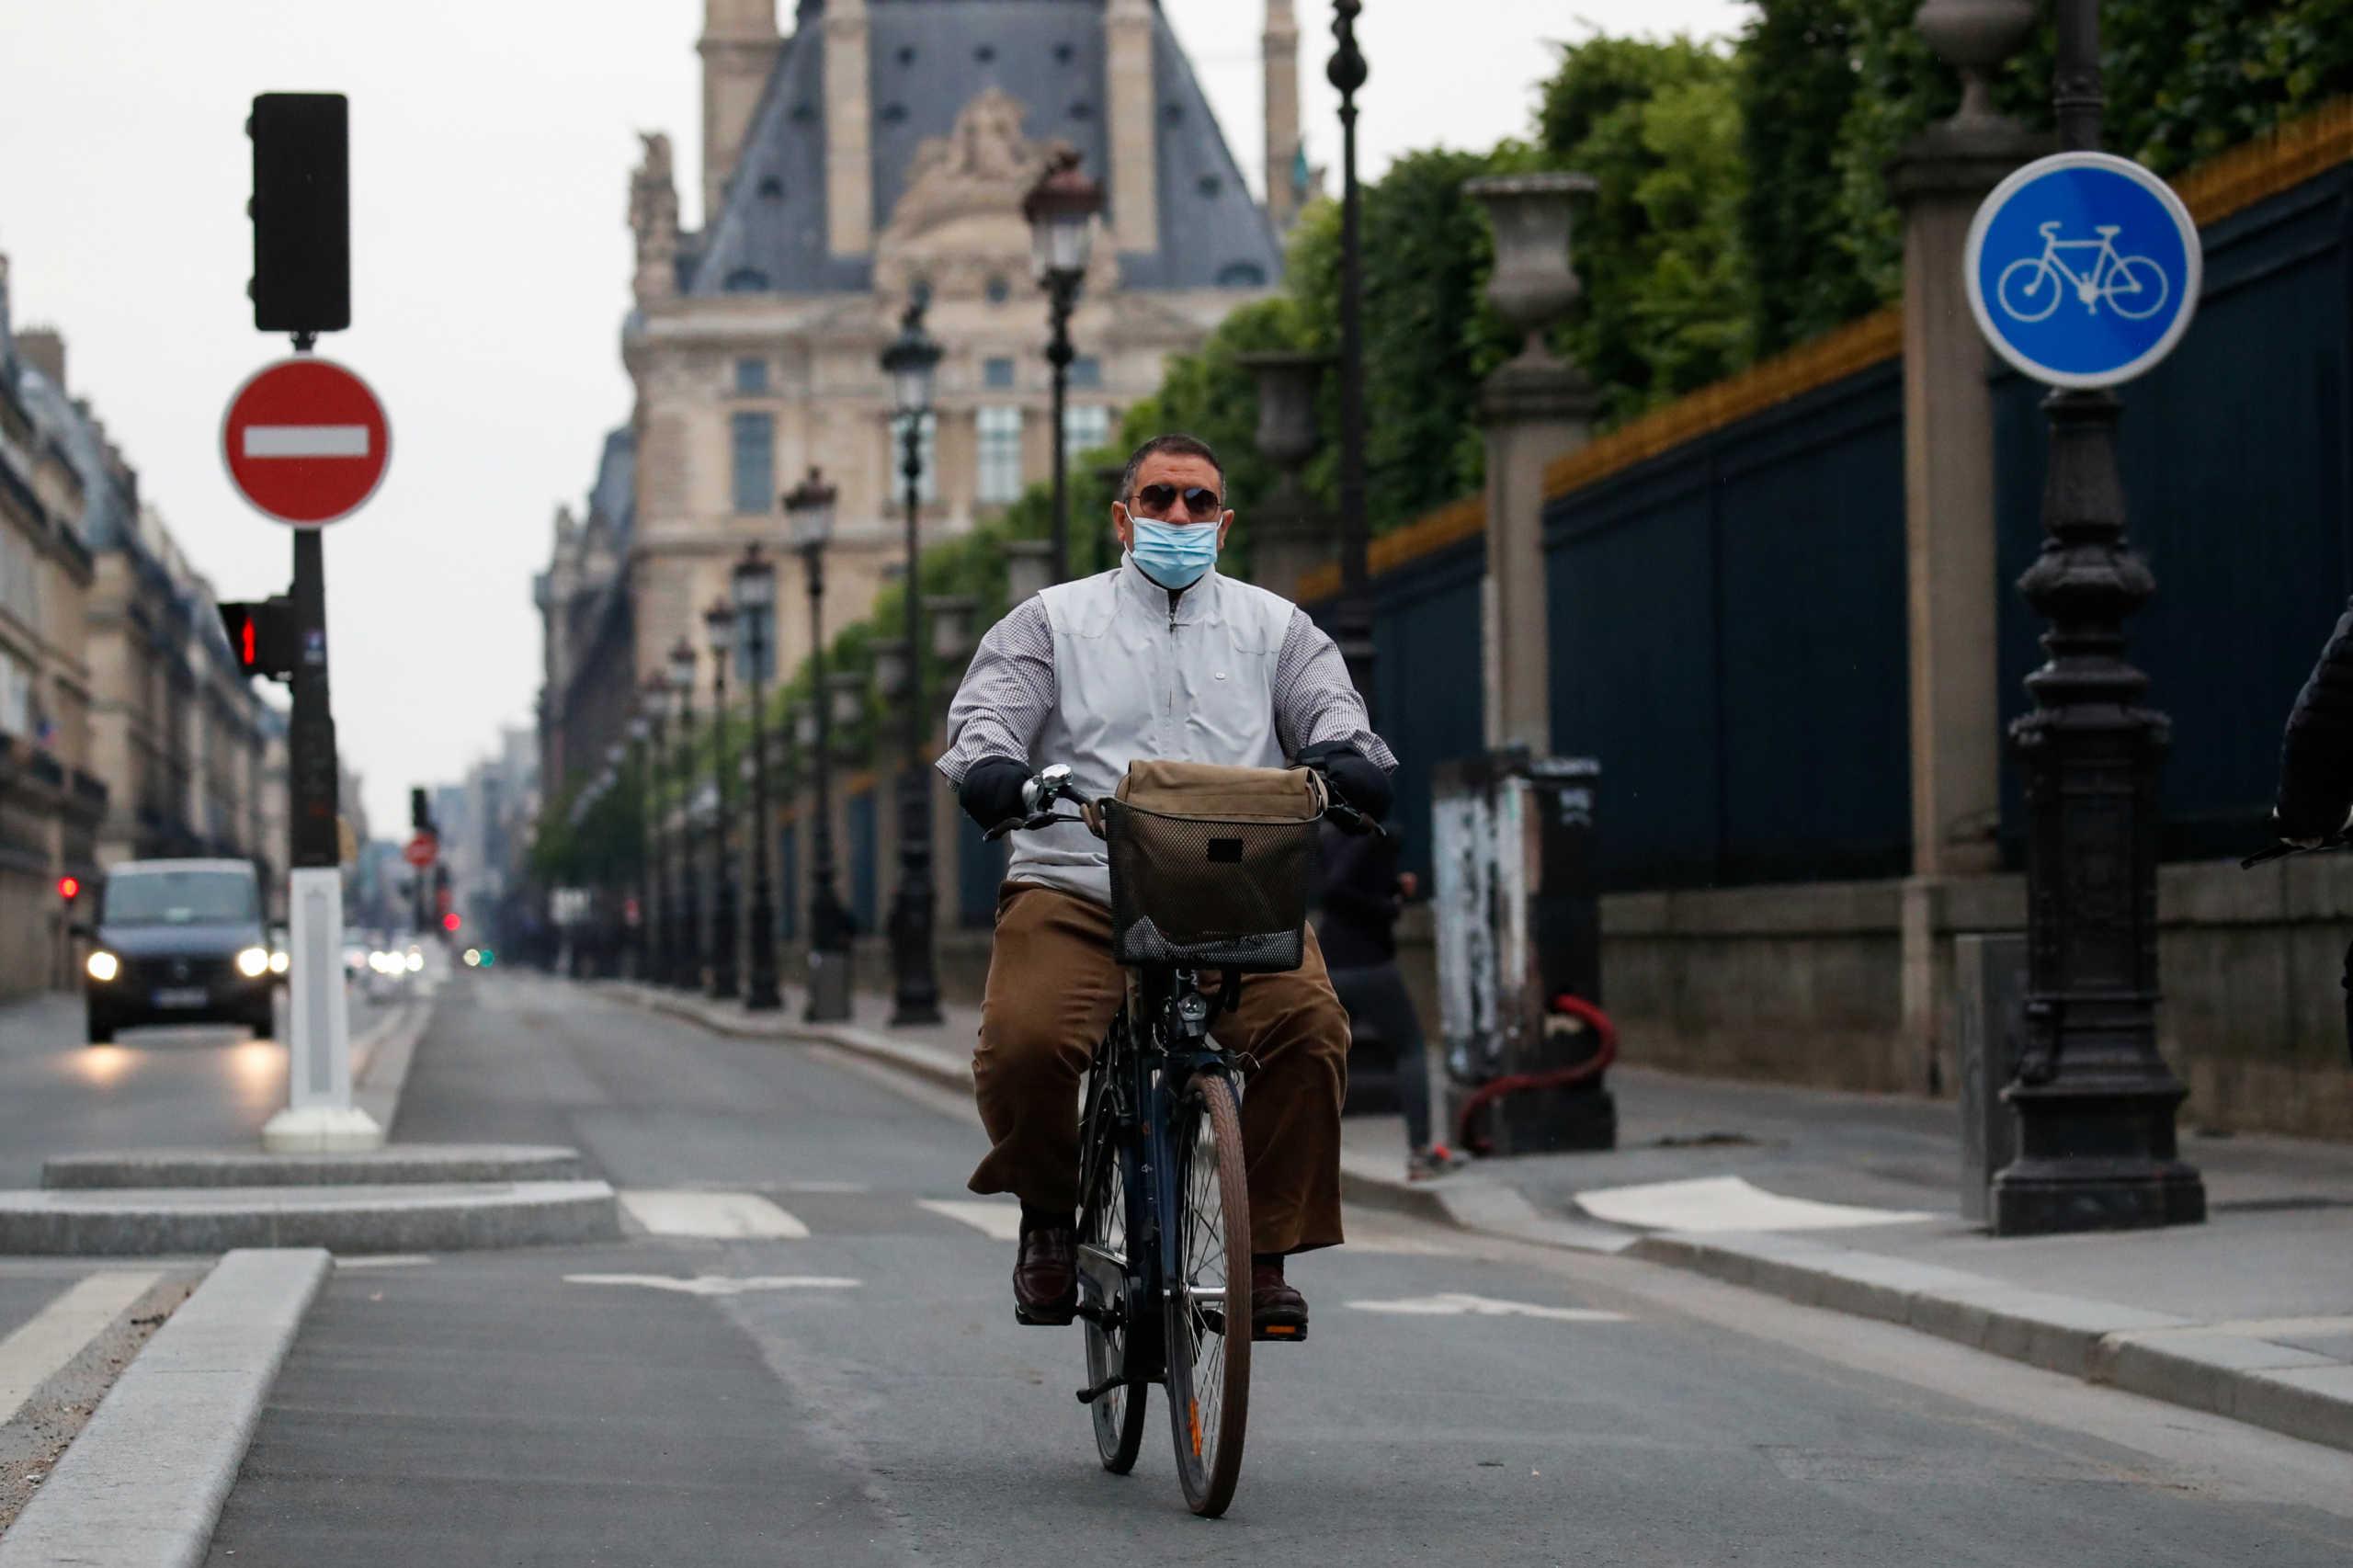 Τα ποδήλατα «όπλο» κατά του κορονοϊού – Πώς περιορίζουν την μετάδοσή του